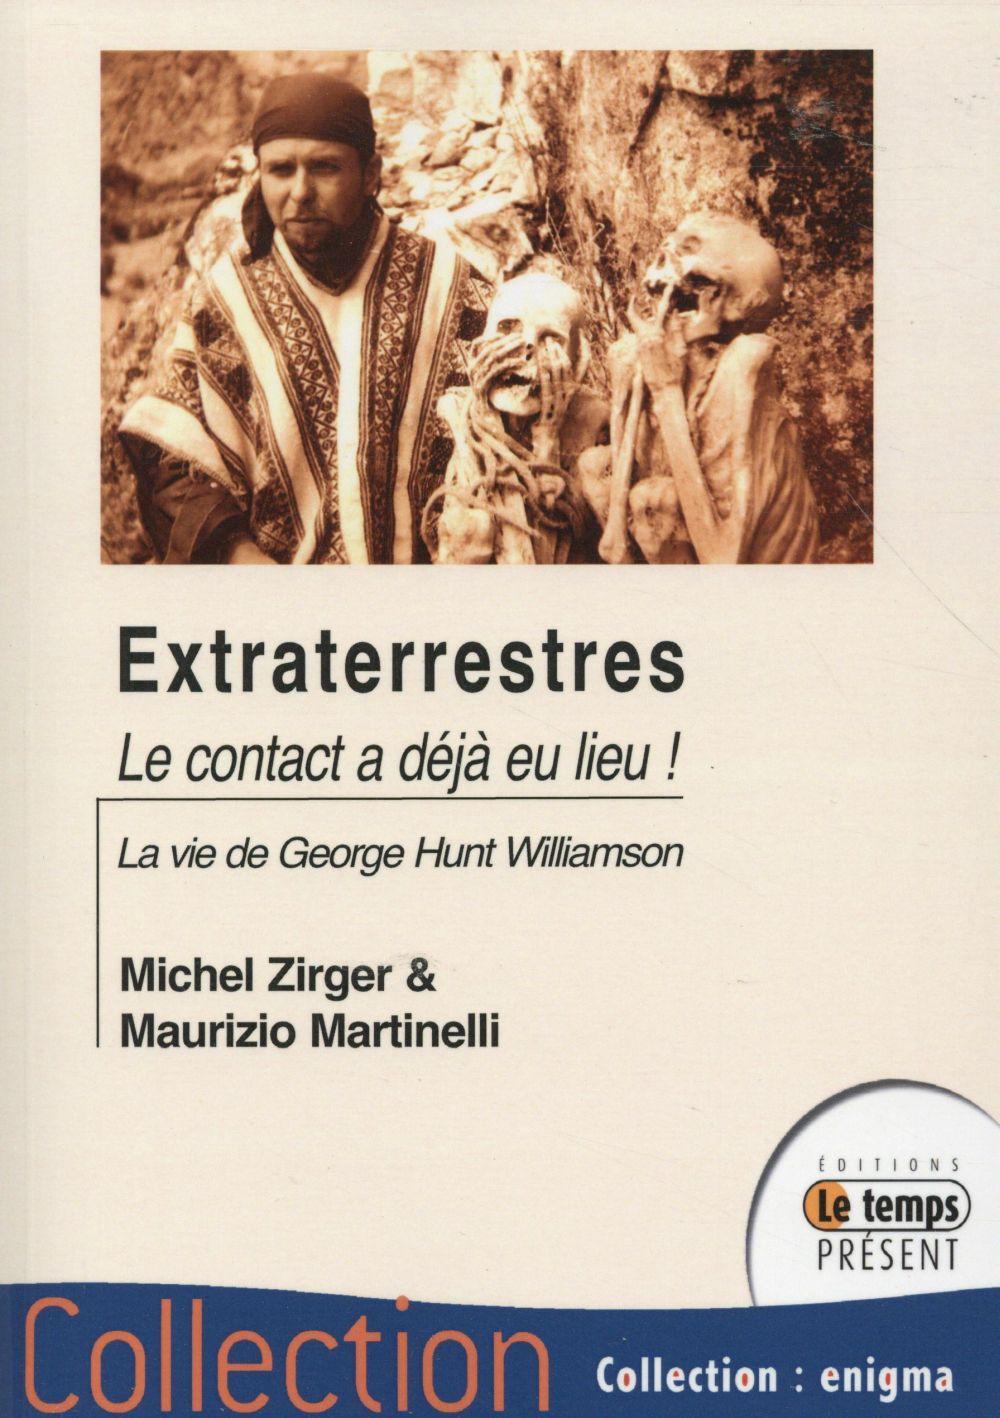 Extraterrestres le contact a déjà eu lieu - Michel Zirger